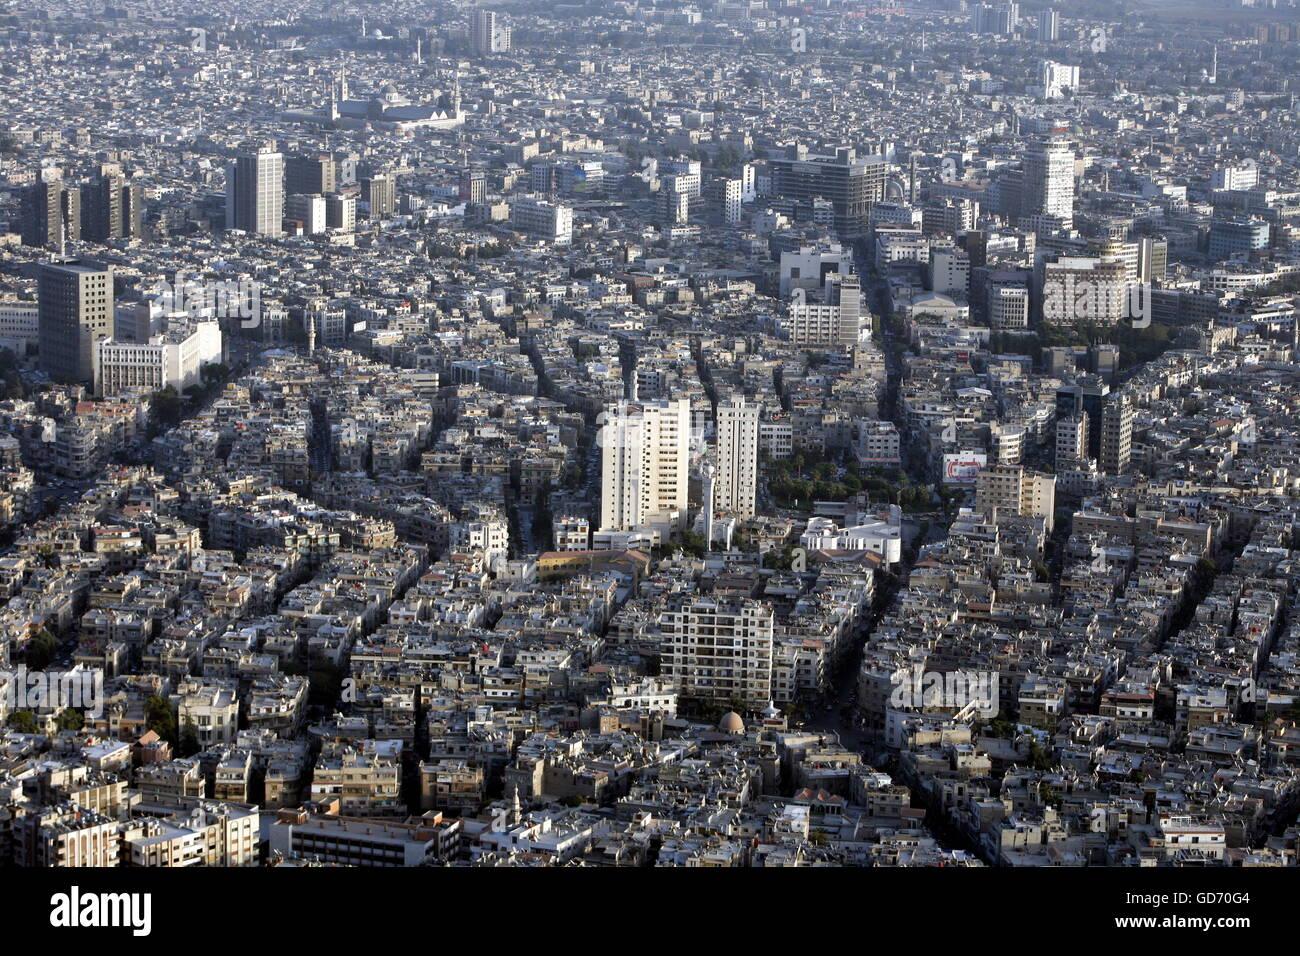 Asien, Naher Osten, Syrien, Damaskus,   Sicht ueber die Grossstadt von Damaskus der Hauptstadt von Syrien. - Stock Image